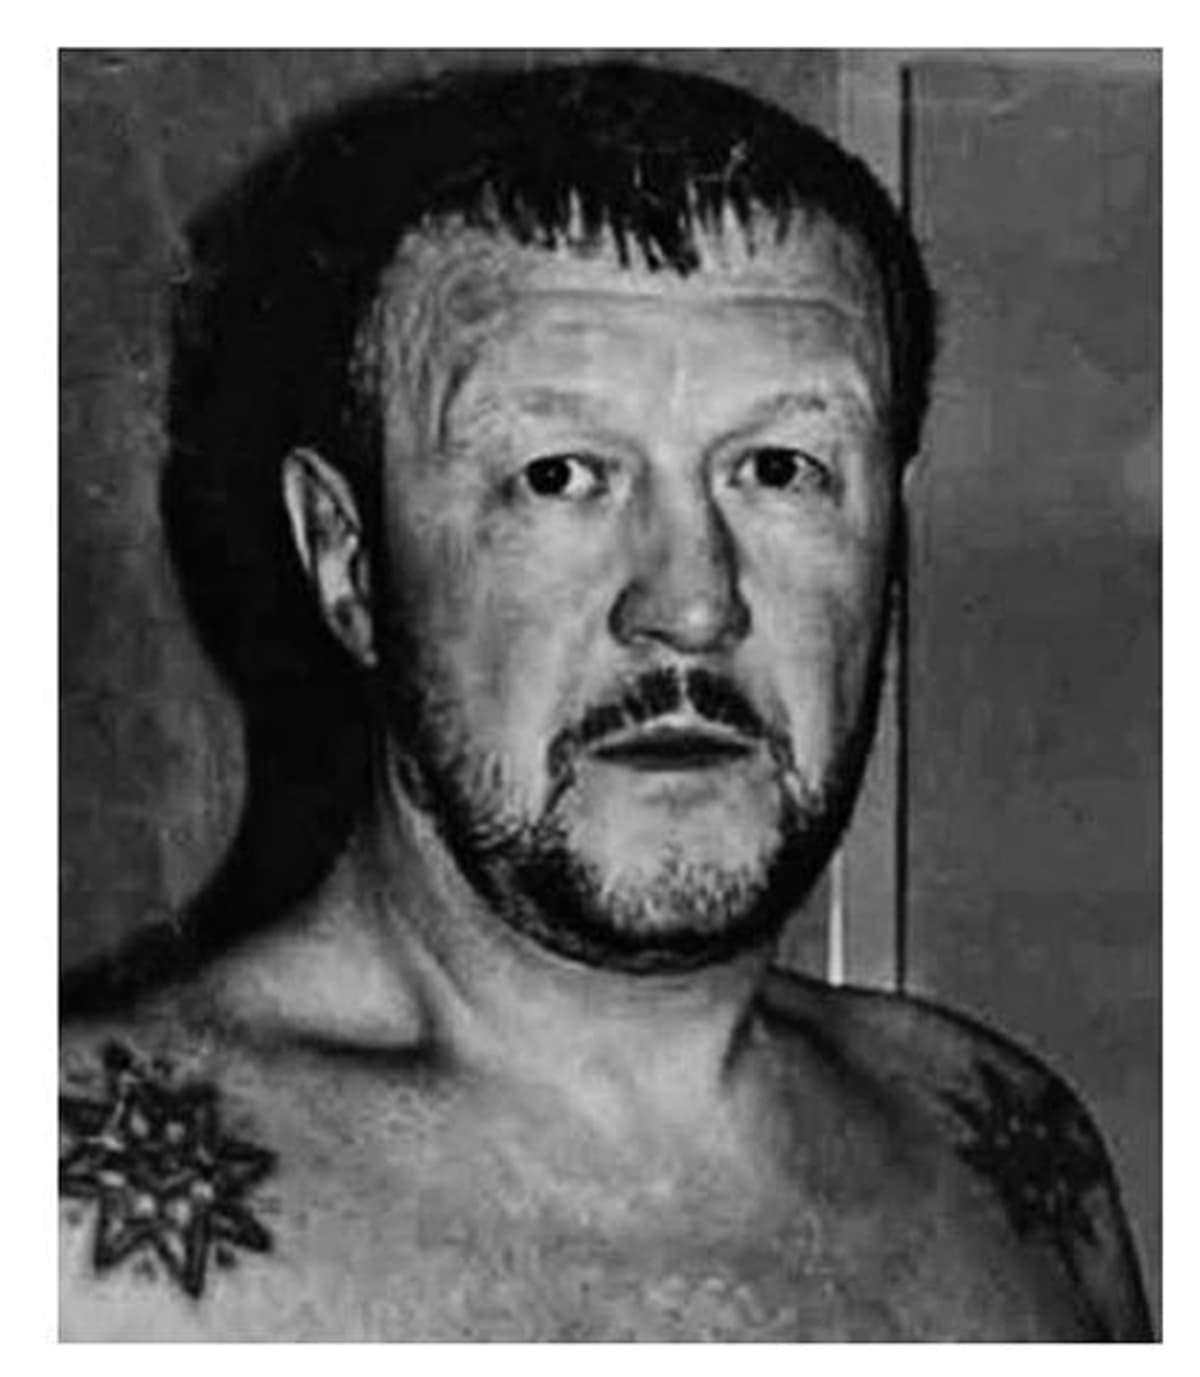 Vjatšeslav Ivankov oli tunnettu venäläinen mafiajohtaja